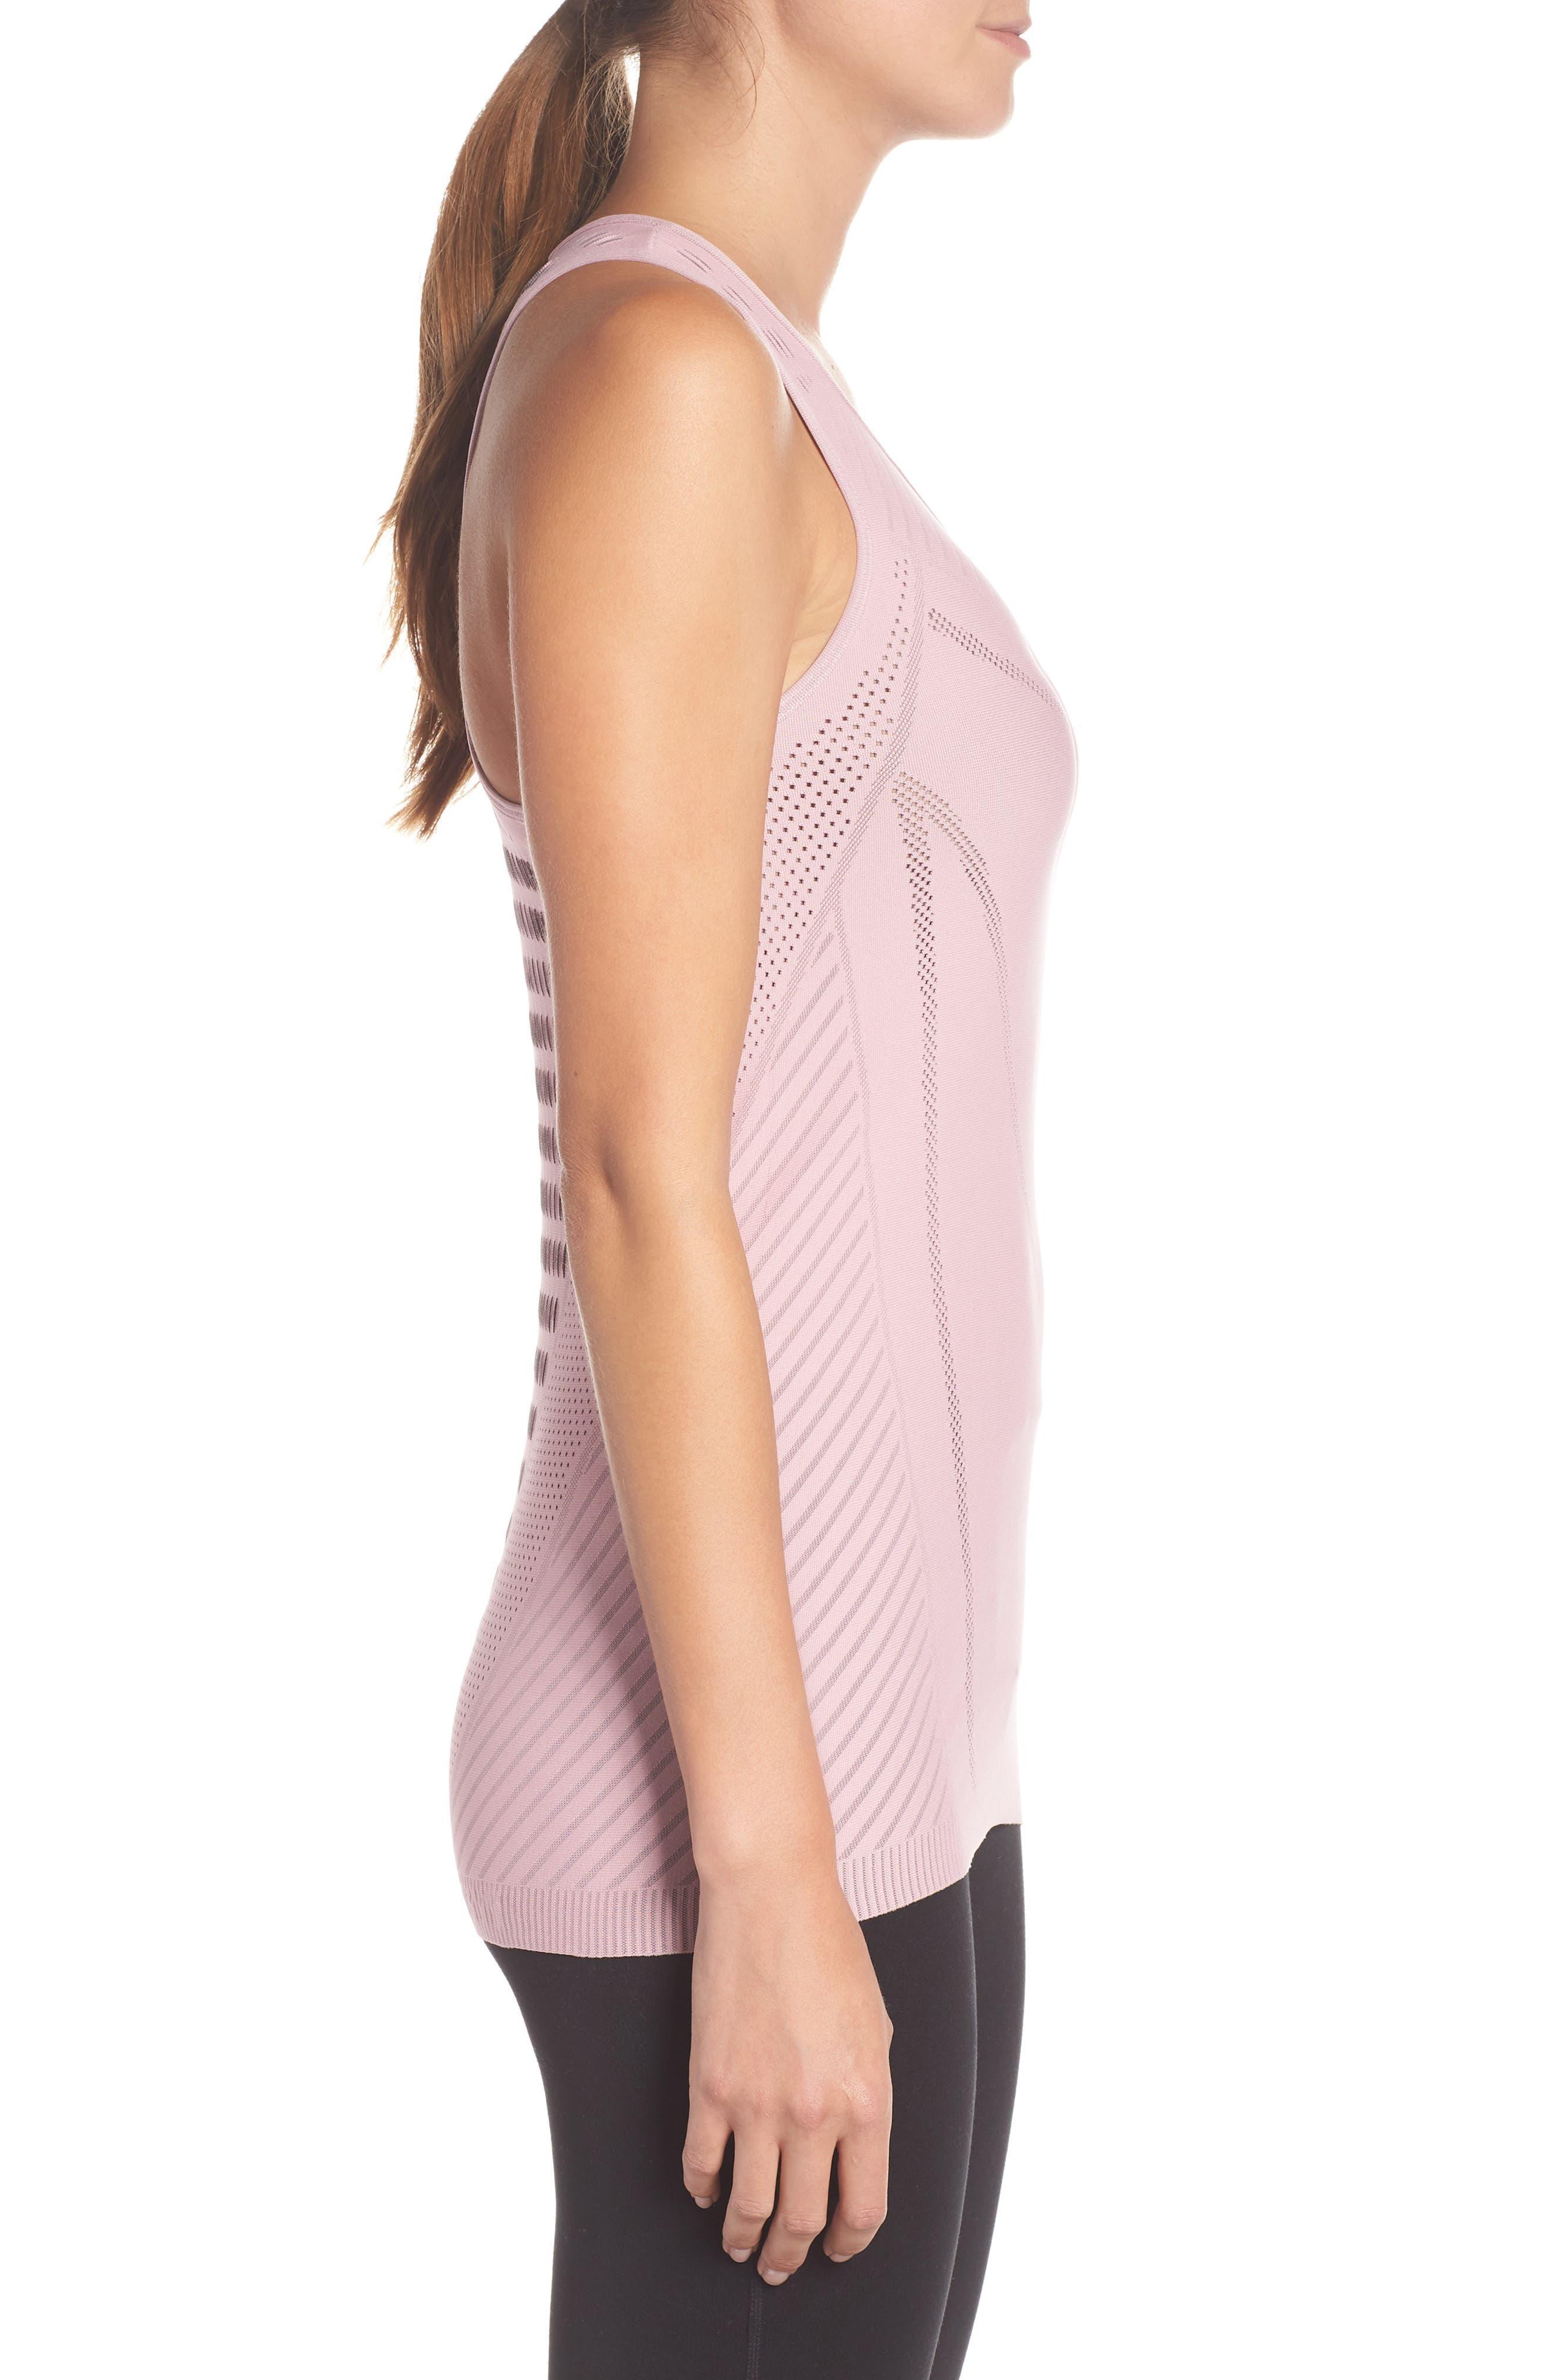 Luxe Yoga Vest,                             Alternate thumbnail 3, color,                             650